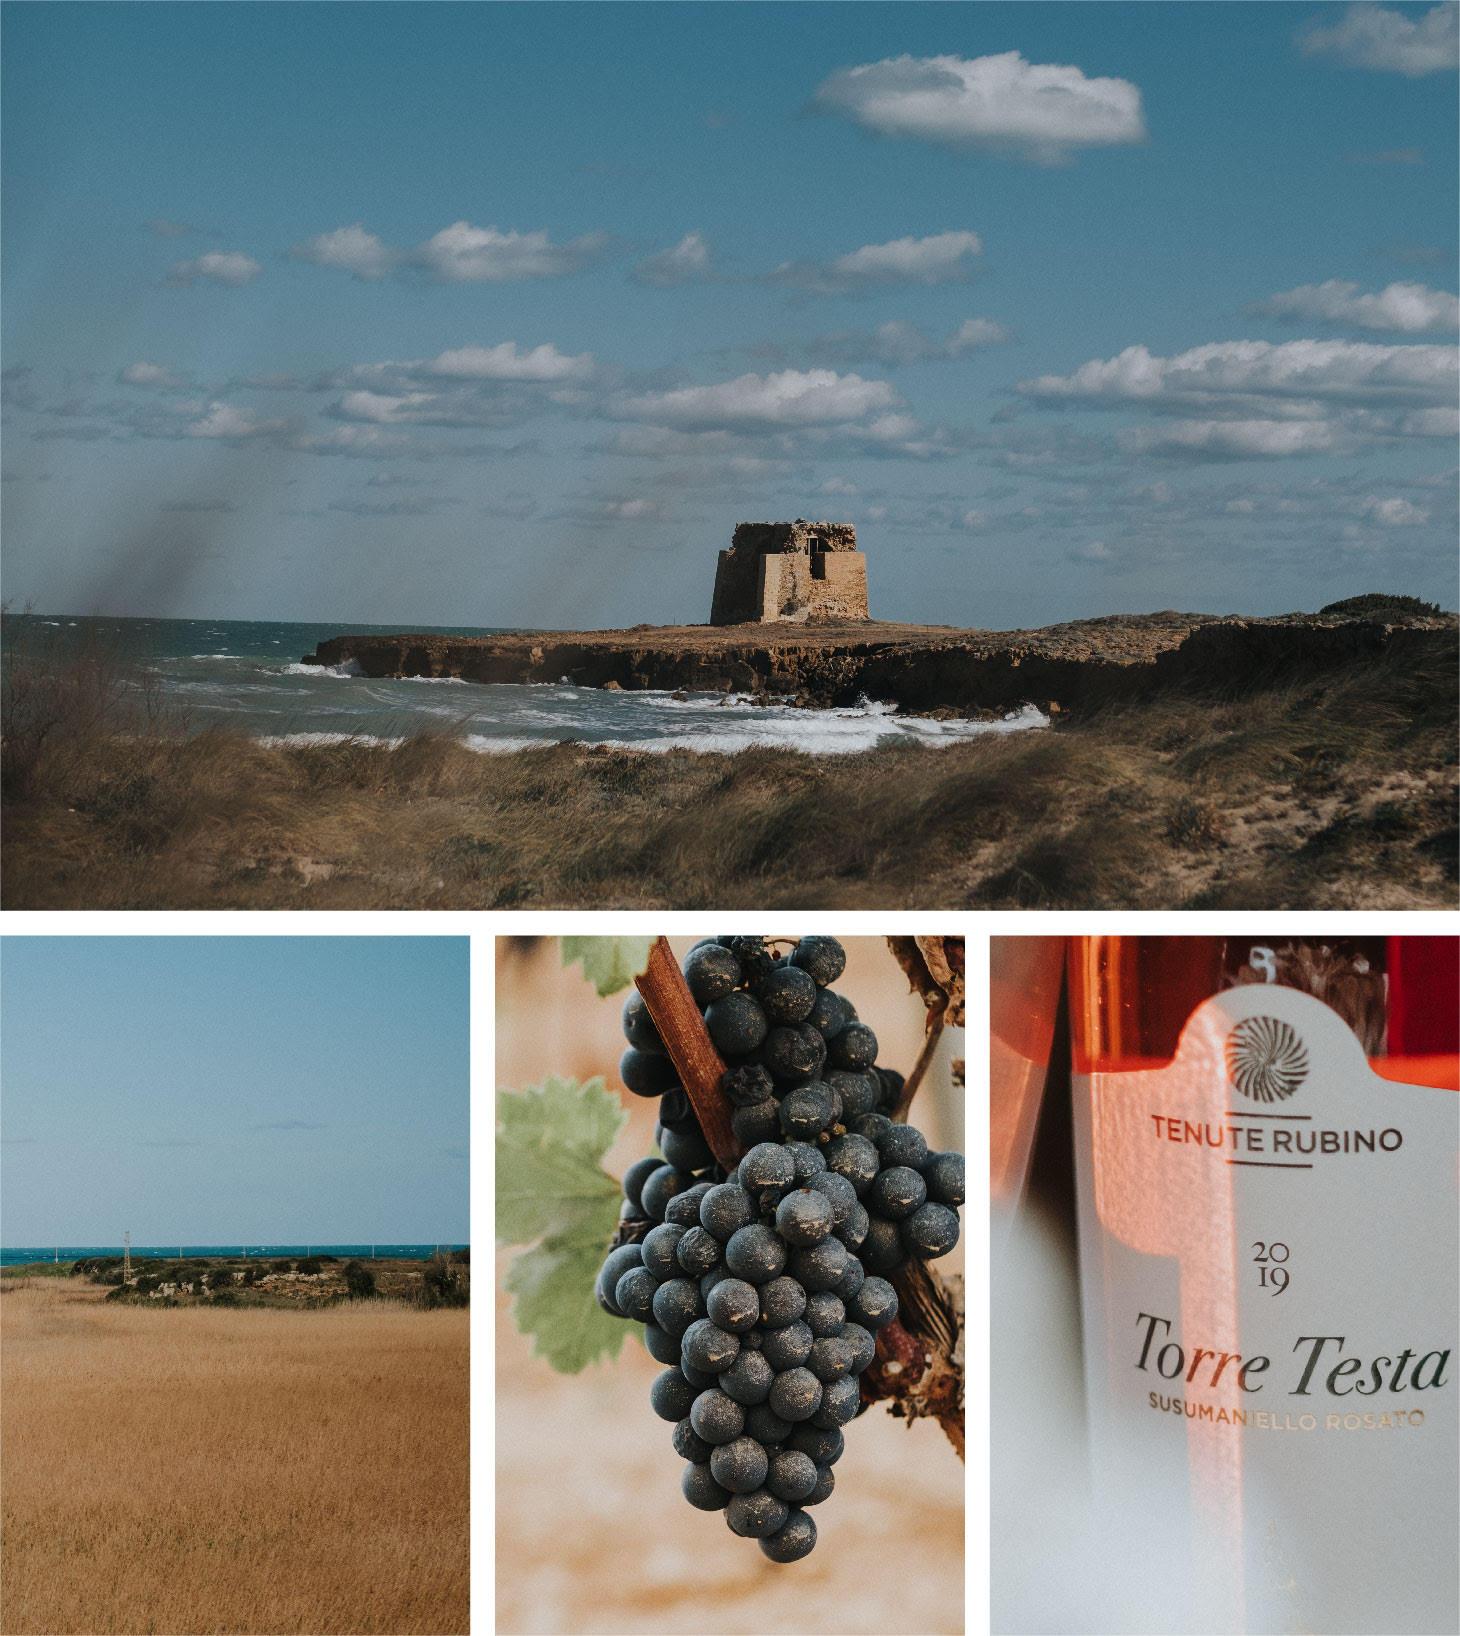 Torre Testa Rosato 2019 - Tenute Rubino | I vini della Puglia